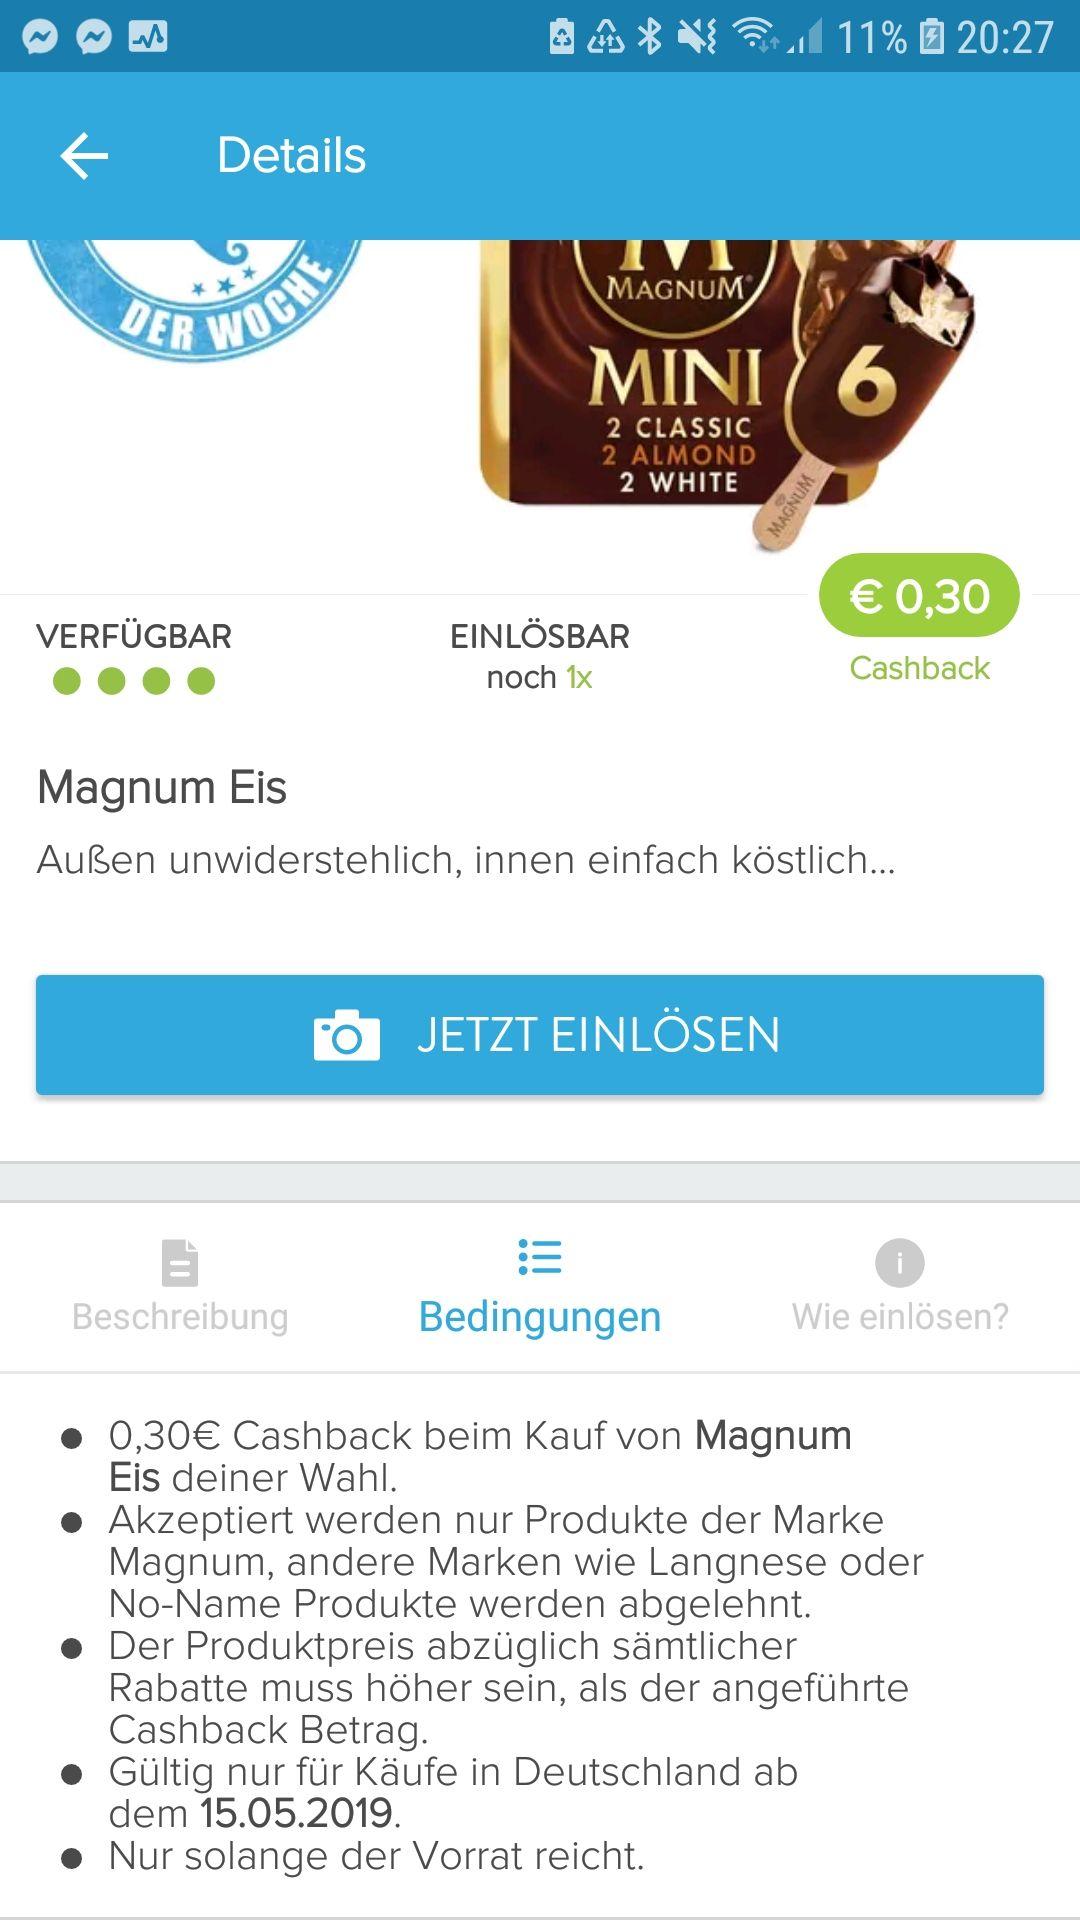 0,30€ Cashback auf Magnum Eis mit Marktguru App (zB dann 1,69€ für Magnum Mini bei Real bis zum 18.05.)